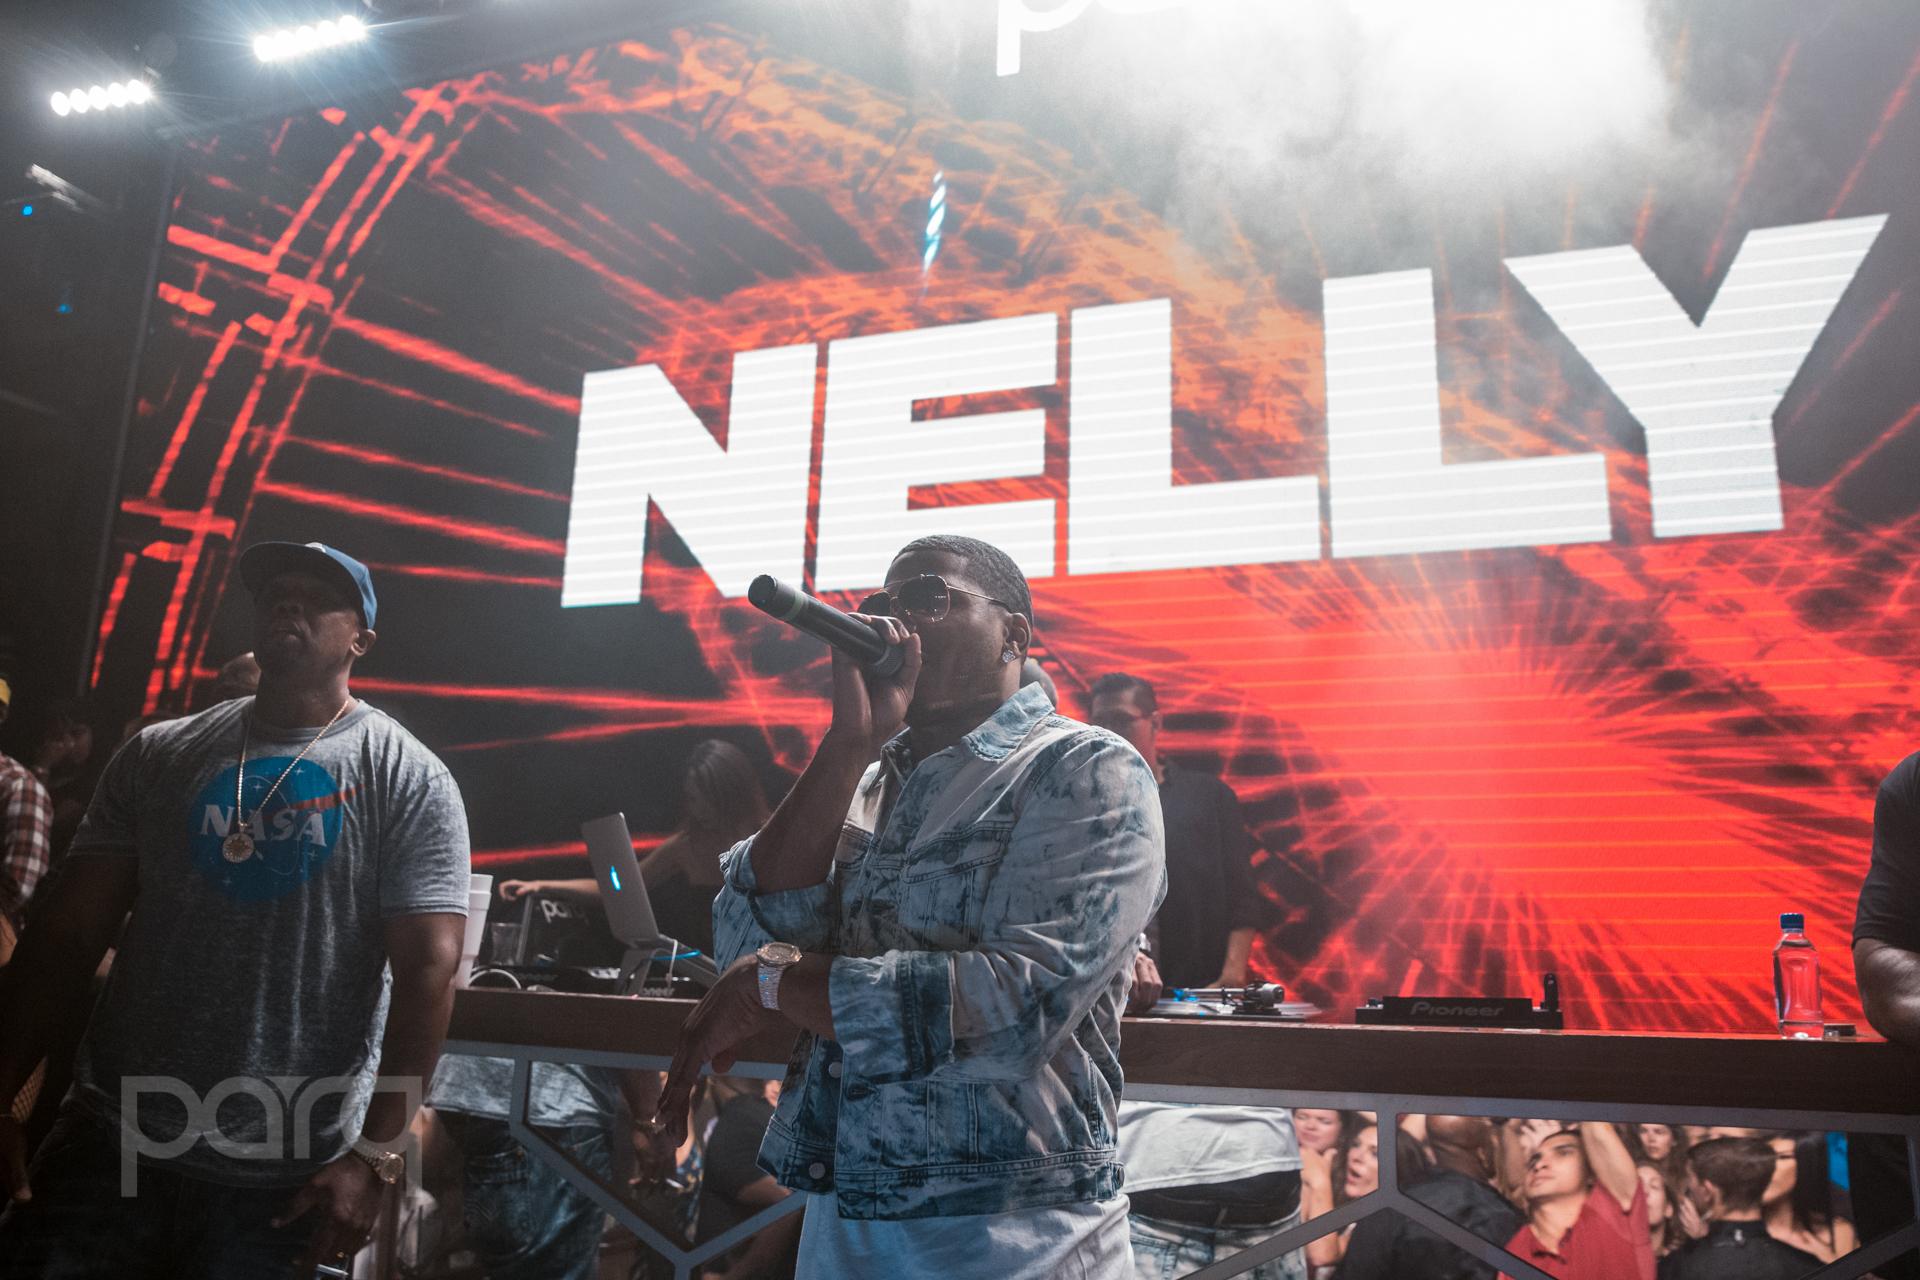 09.09.17 Parq - Nelly-41.jpg